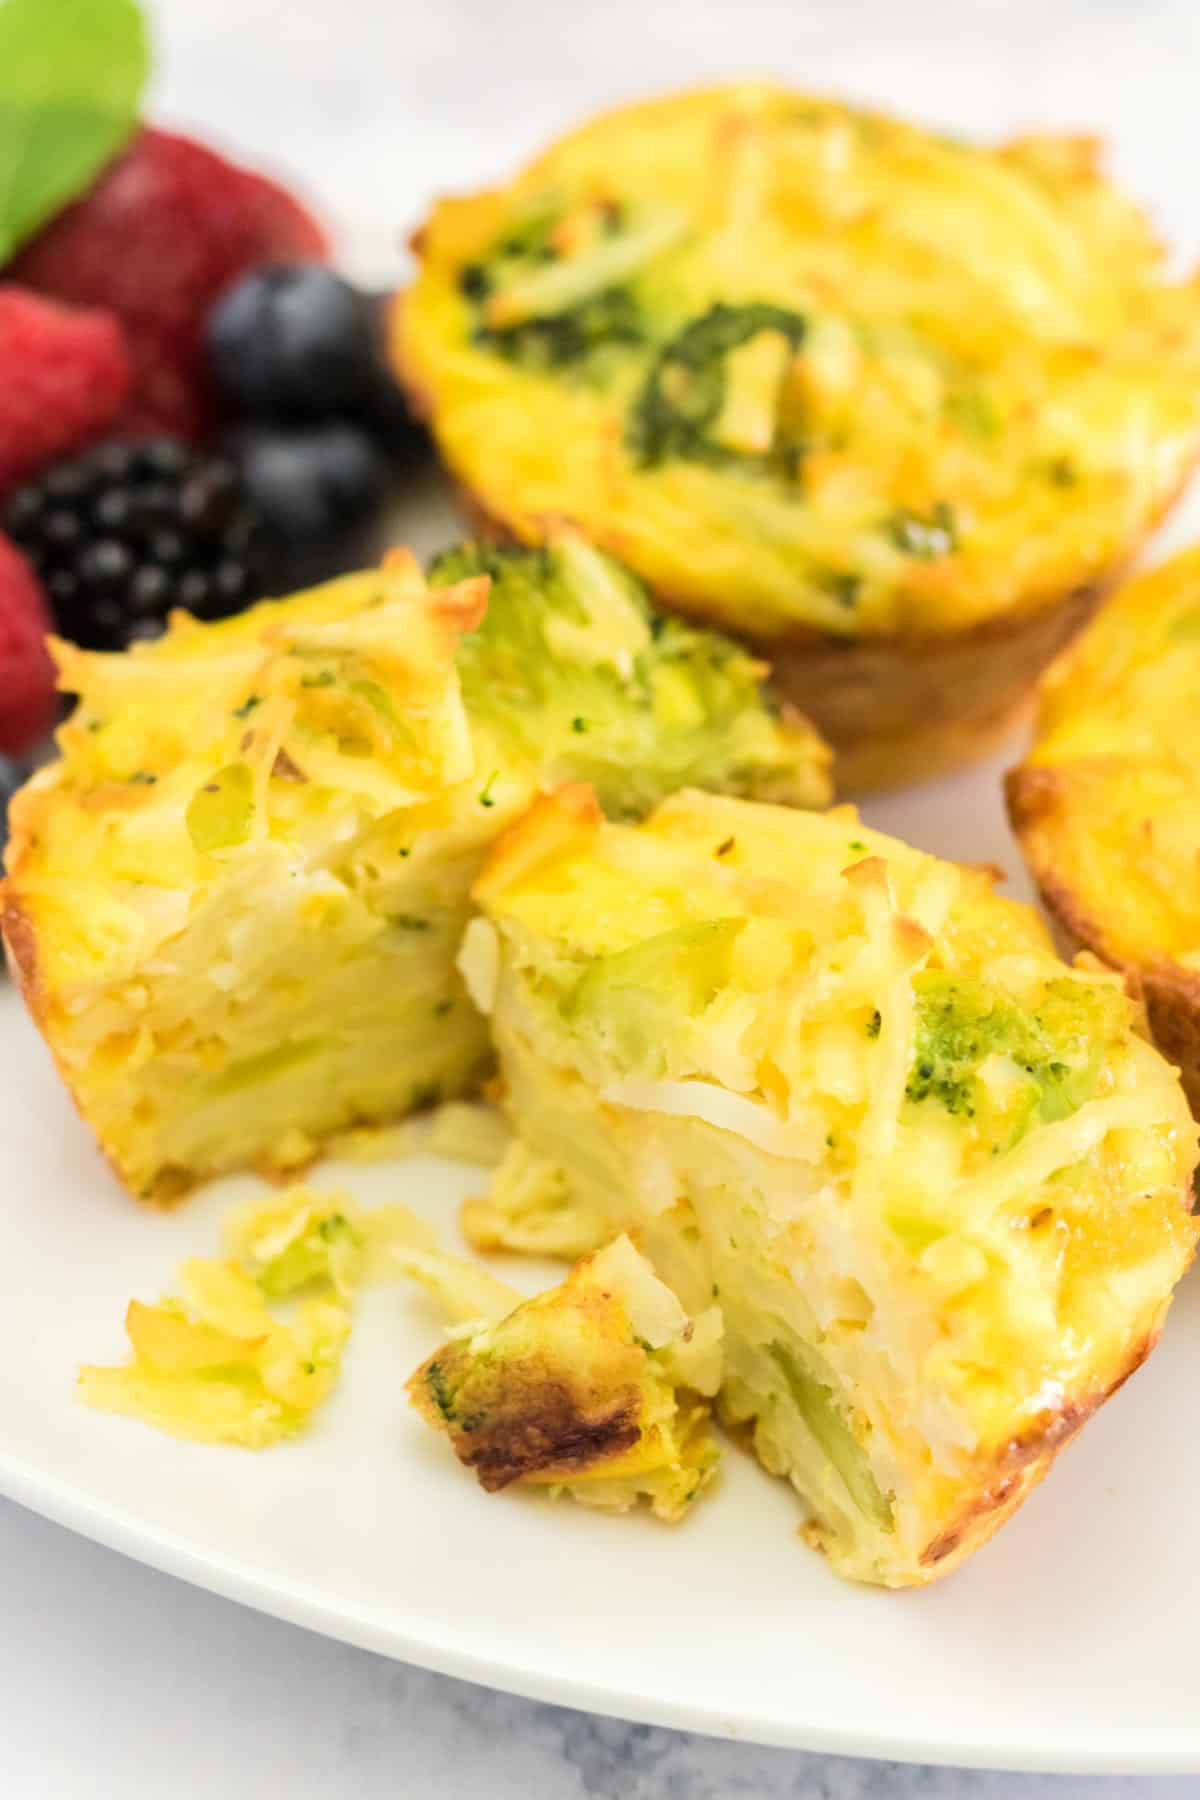 broccoli potato cheese egg muffin cut in half on a white plate